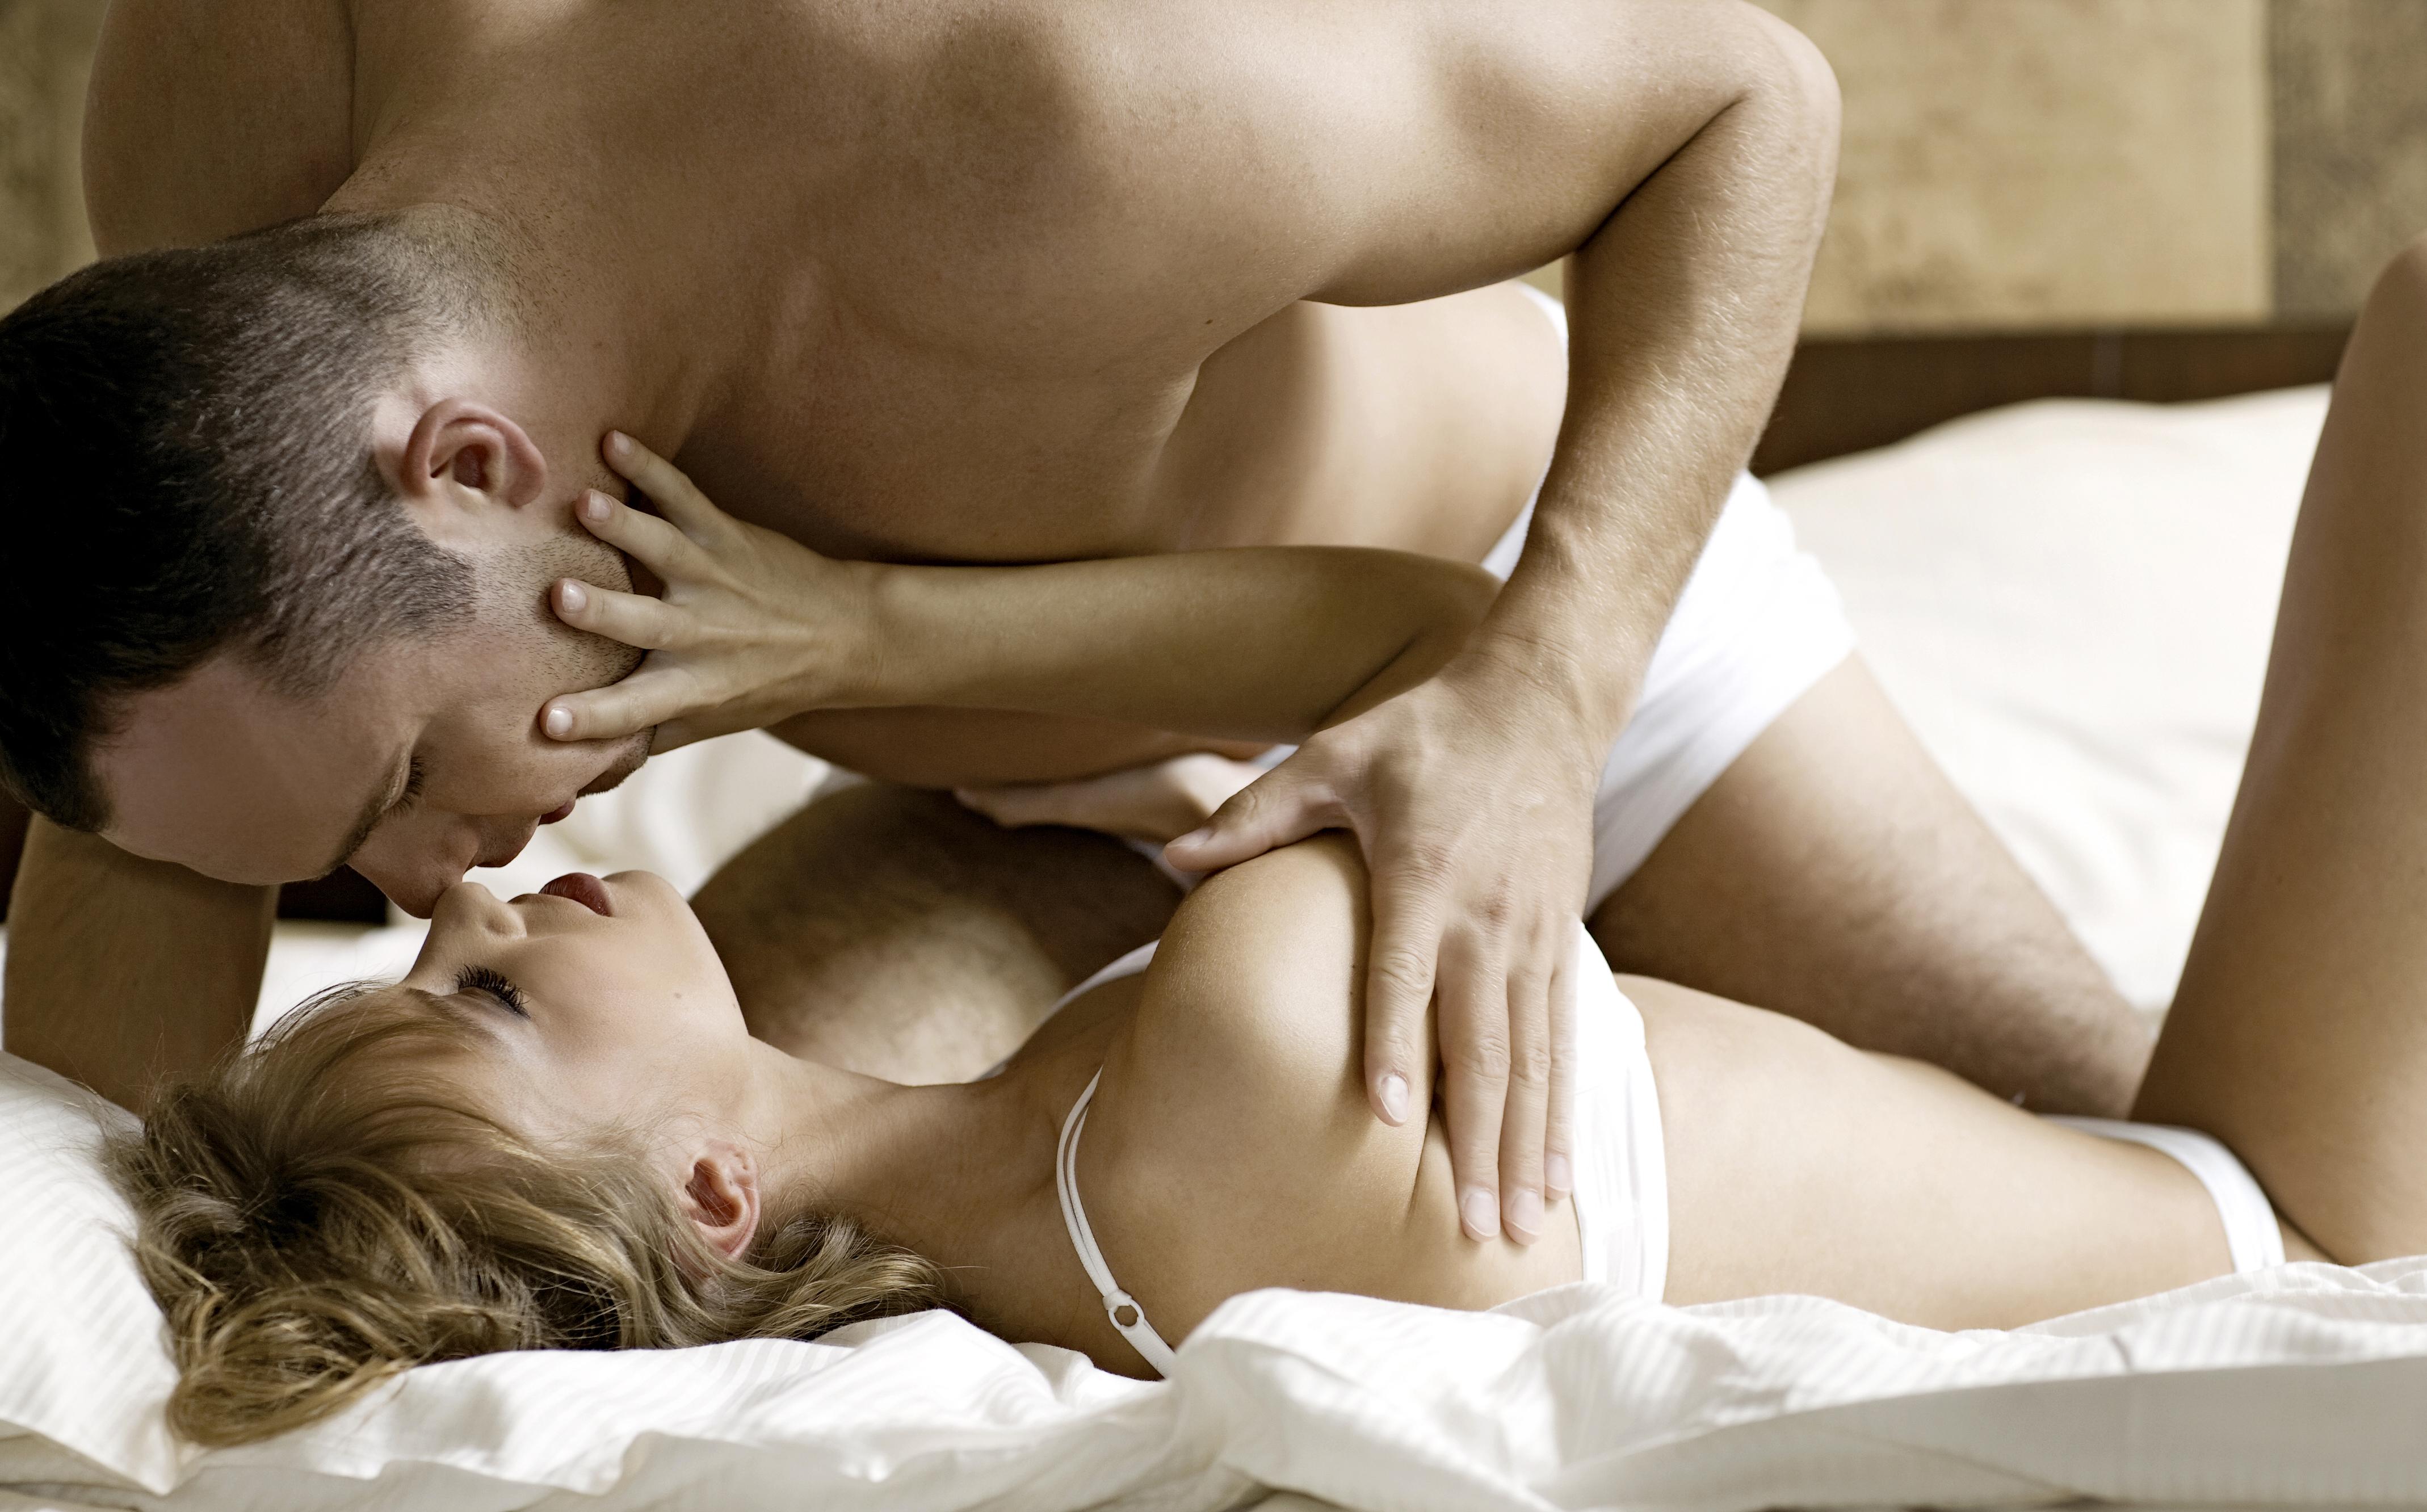 Смотреть бесплатно о страсти и интиме, Смотреть возбуждающее страстный секс ролики где 19 фотография